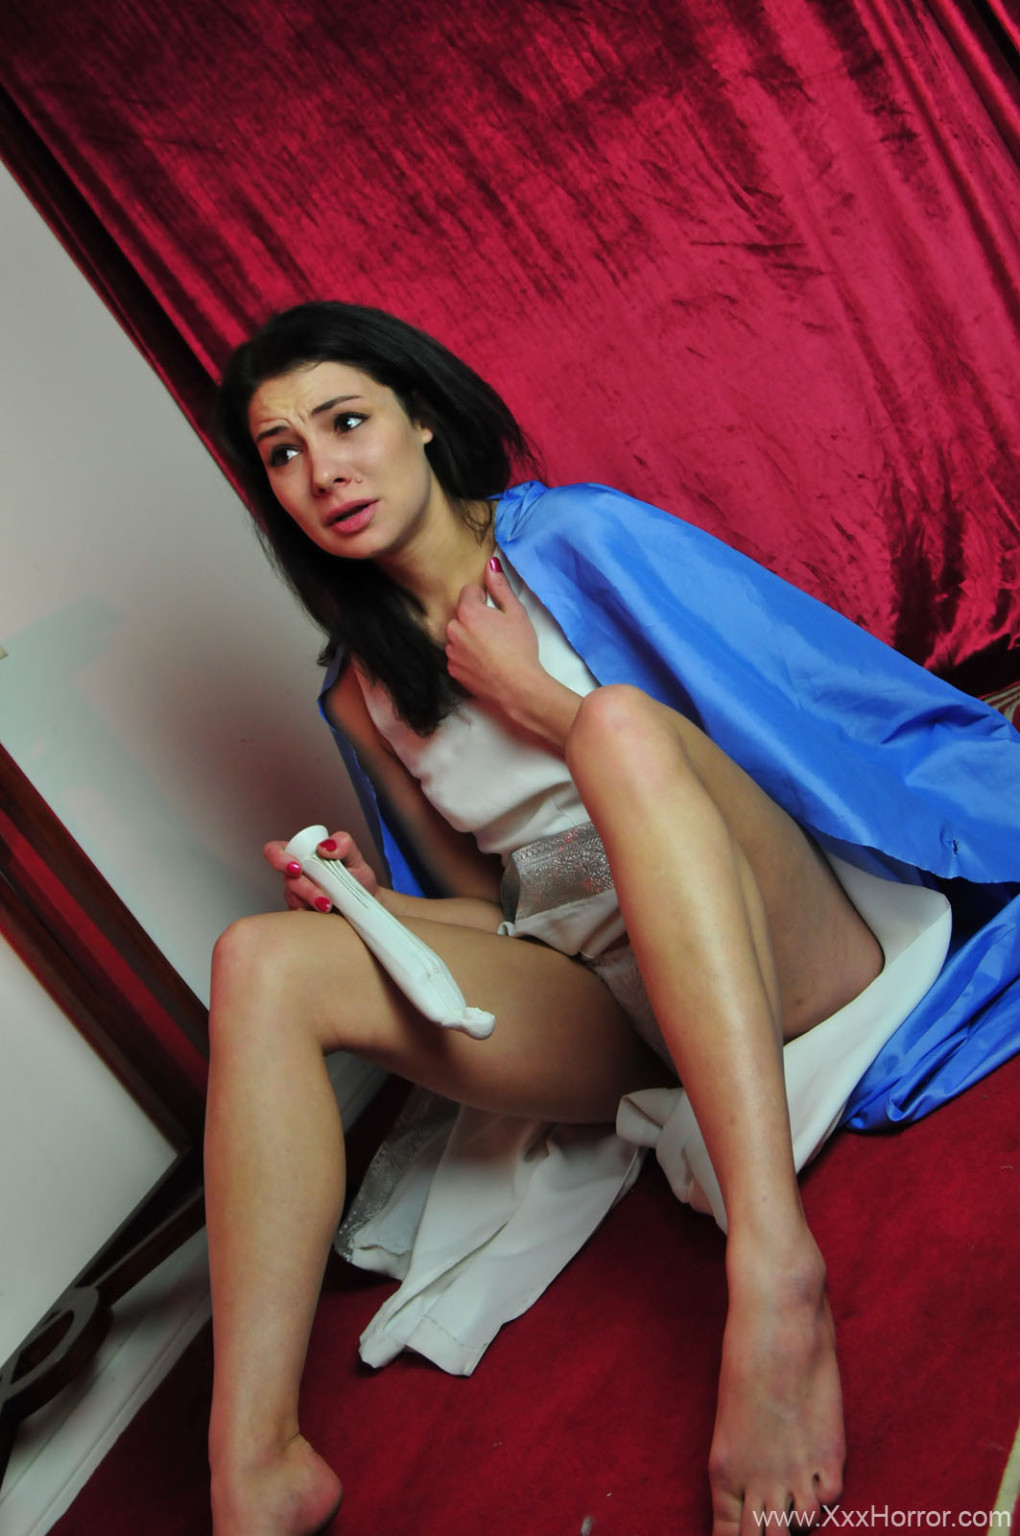 В униформе - Порно галерея № 3426253